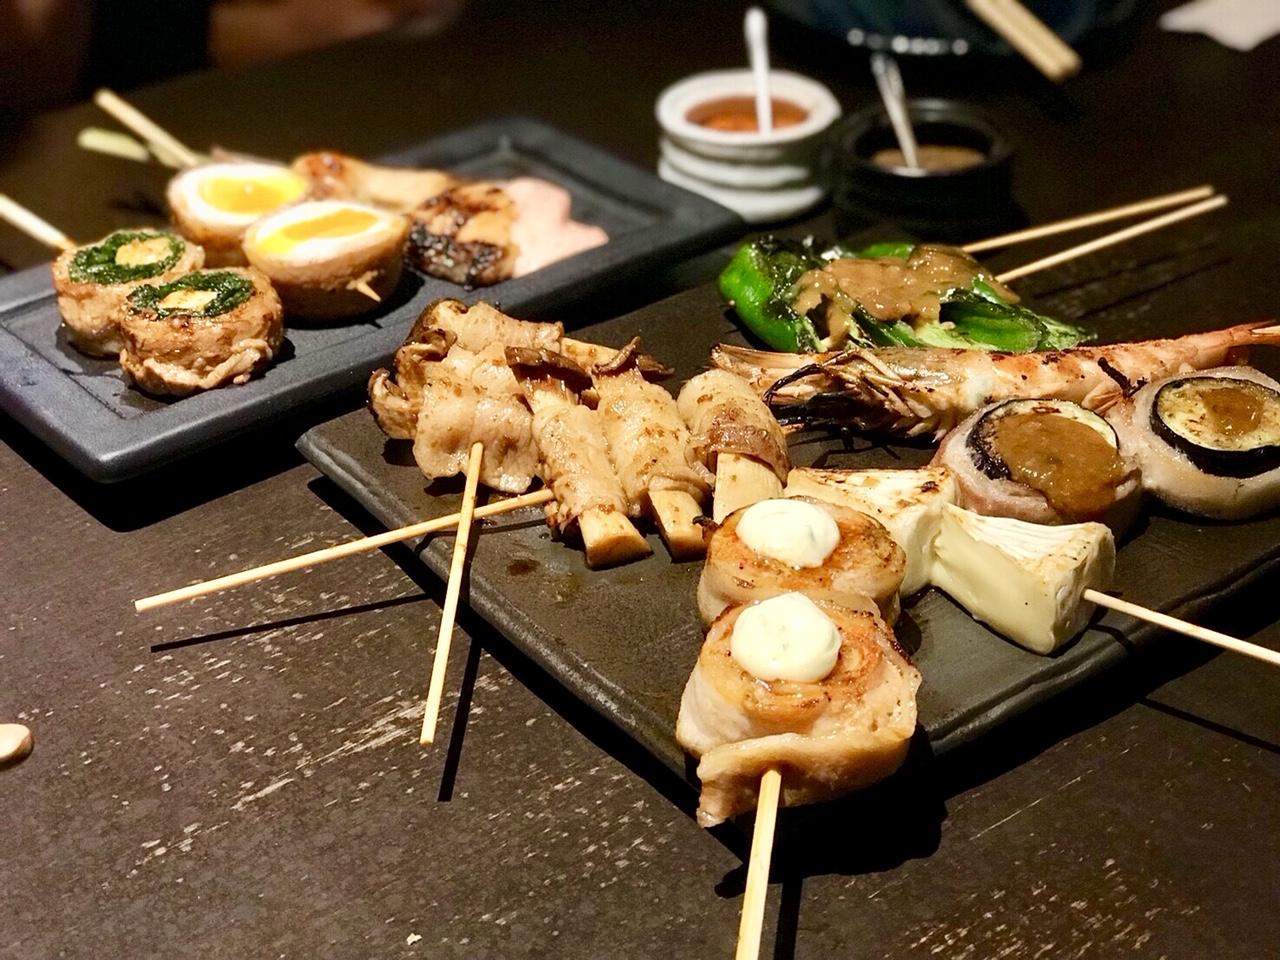 京都・先斗町でリーズナブルに串焼きを!『串焼 満天』が味・コスパ最高すぎる!